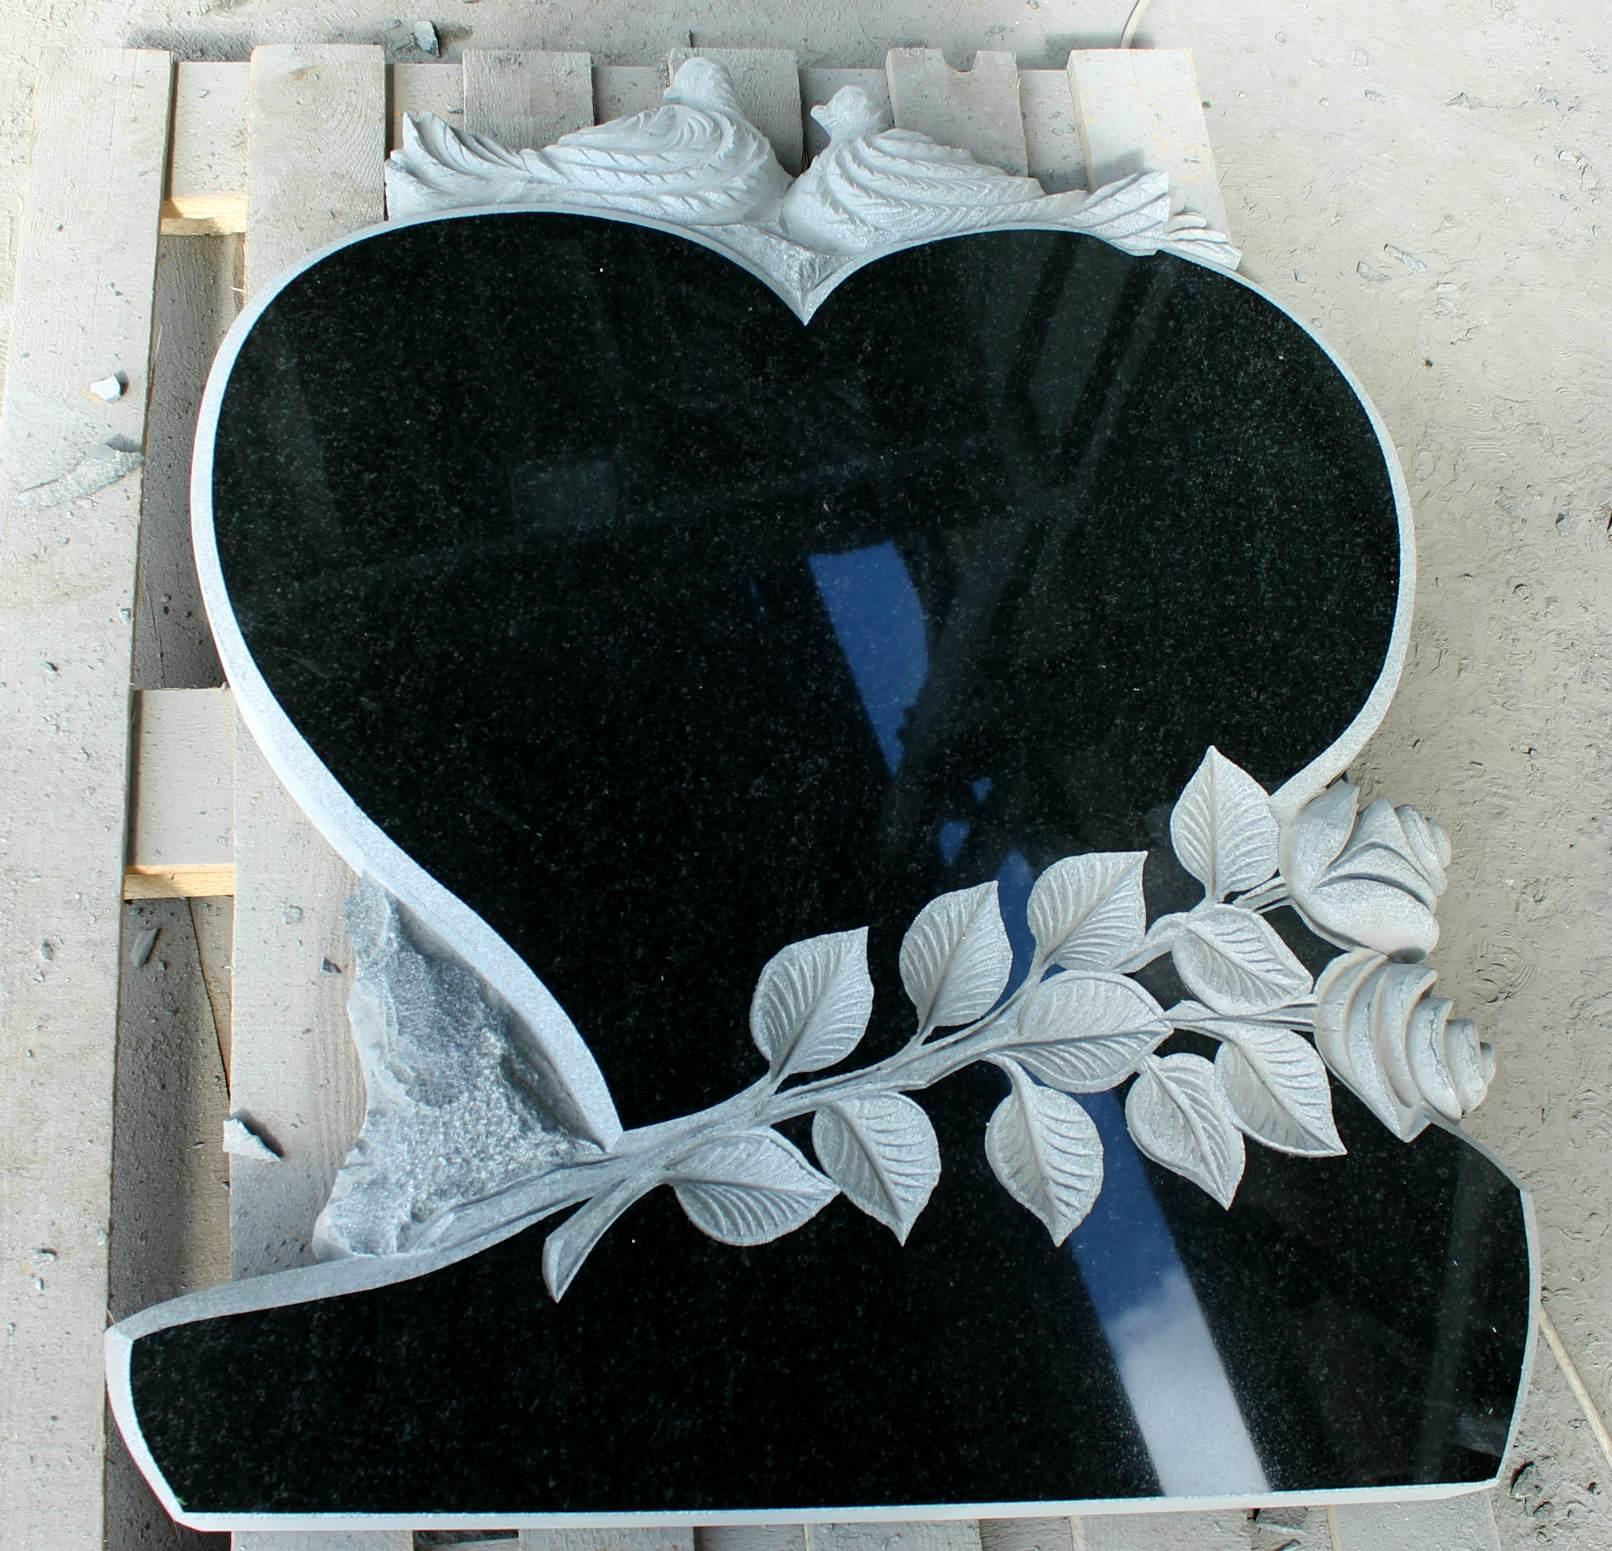 Памятник фигурный в форме сердца с розами и голубями